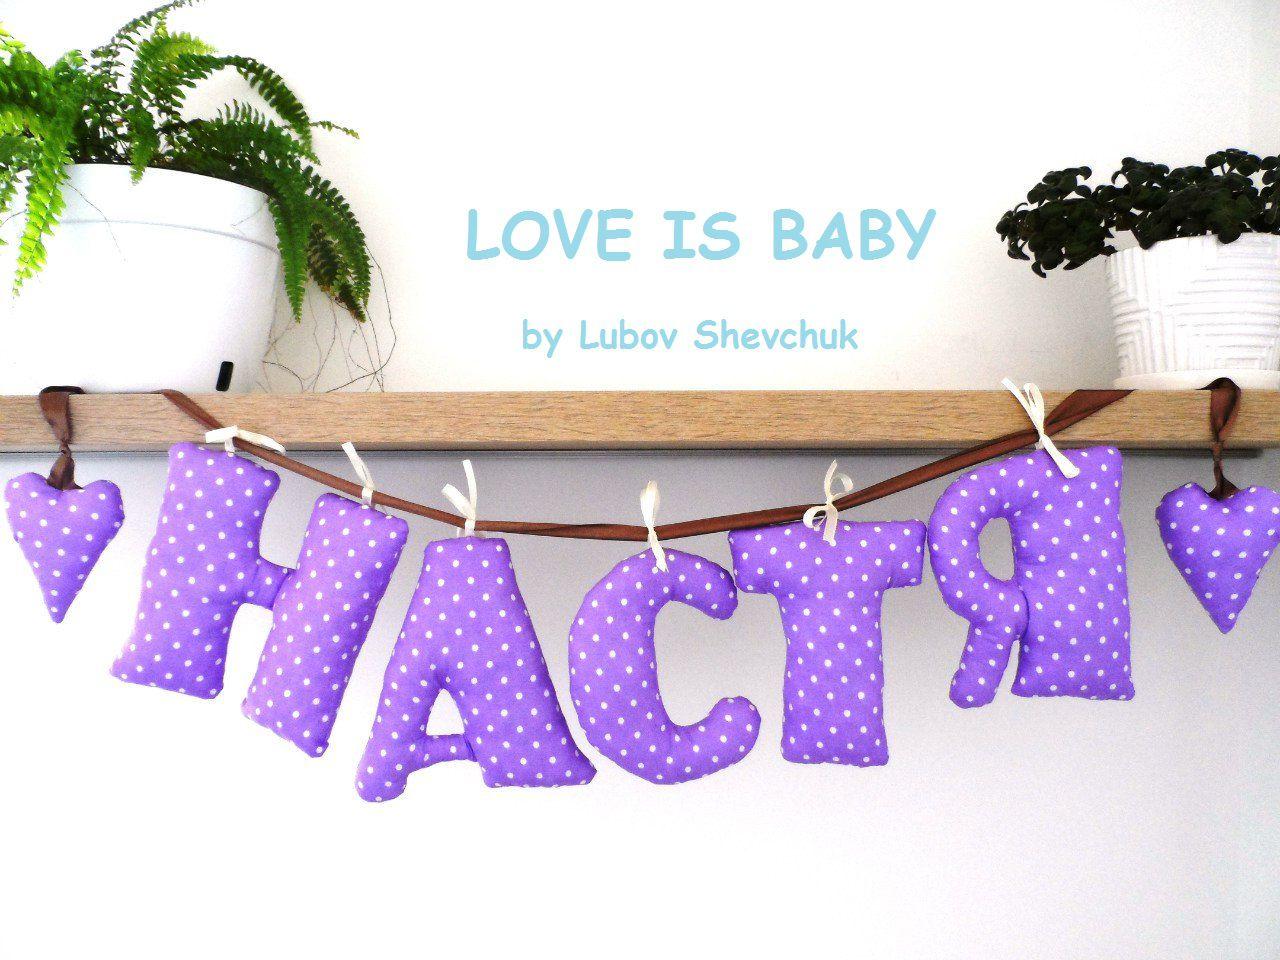 декоративные ткани малыша на подушек для текстиль имя фотосессии детской декор подушки дома сиреневый букв интерьера из элементы буквы заказ